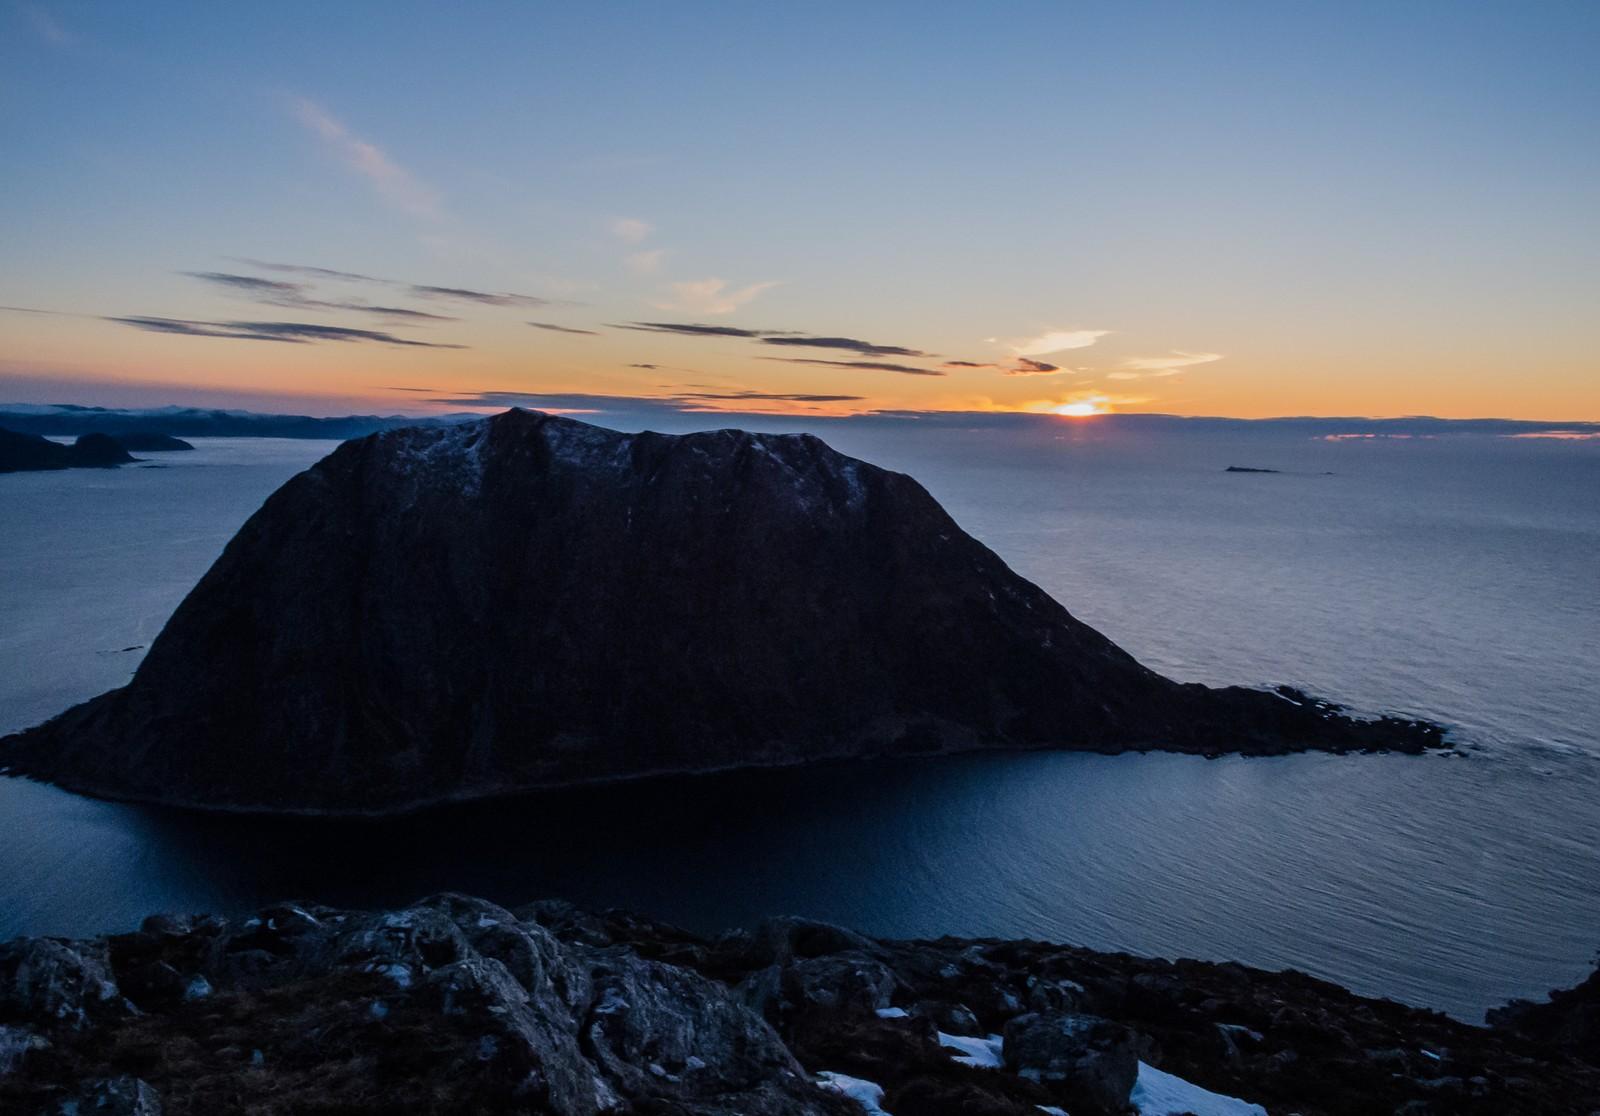 Kveld på Rjåhornet, Nerlandsøya